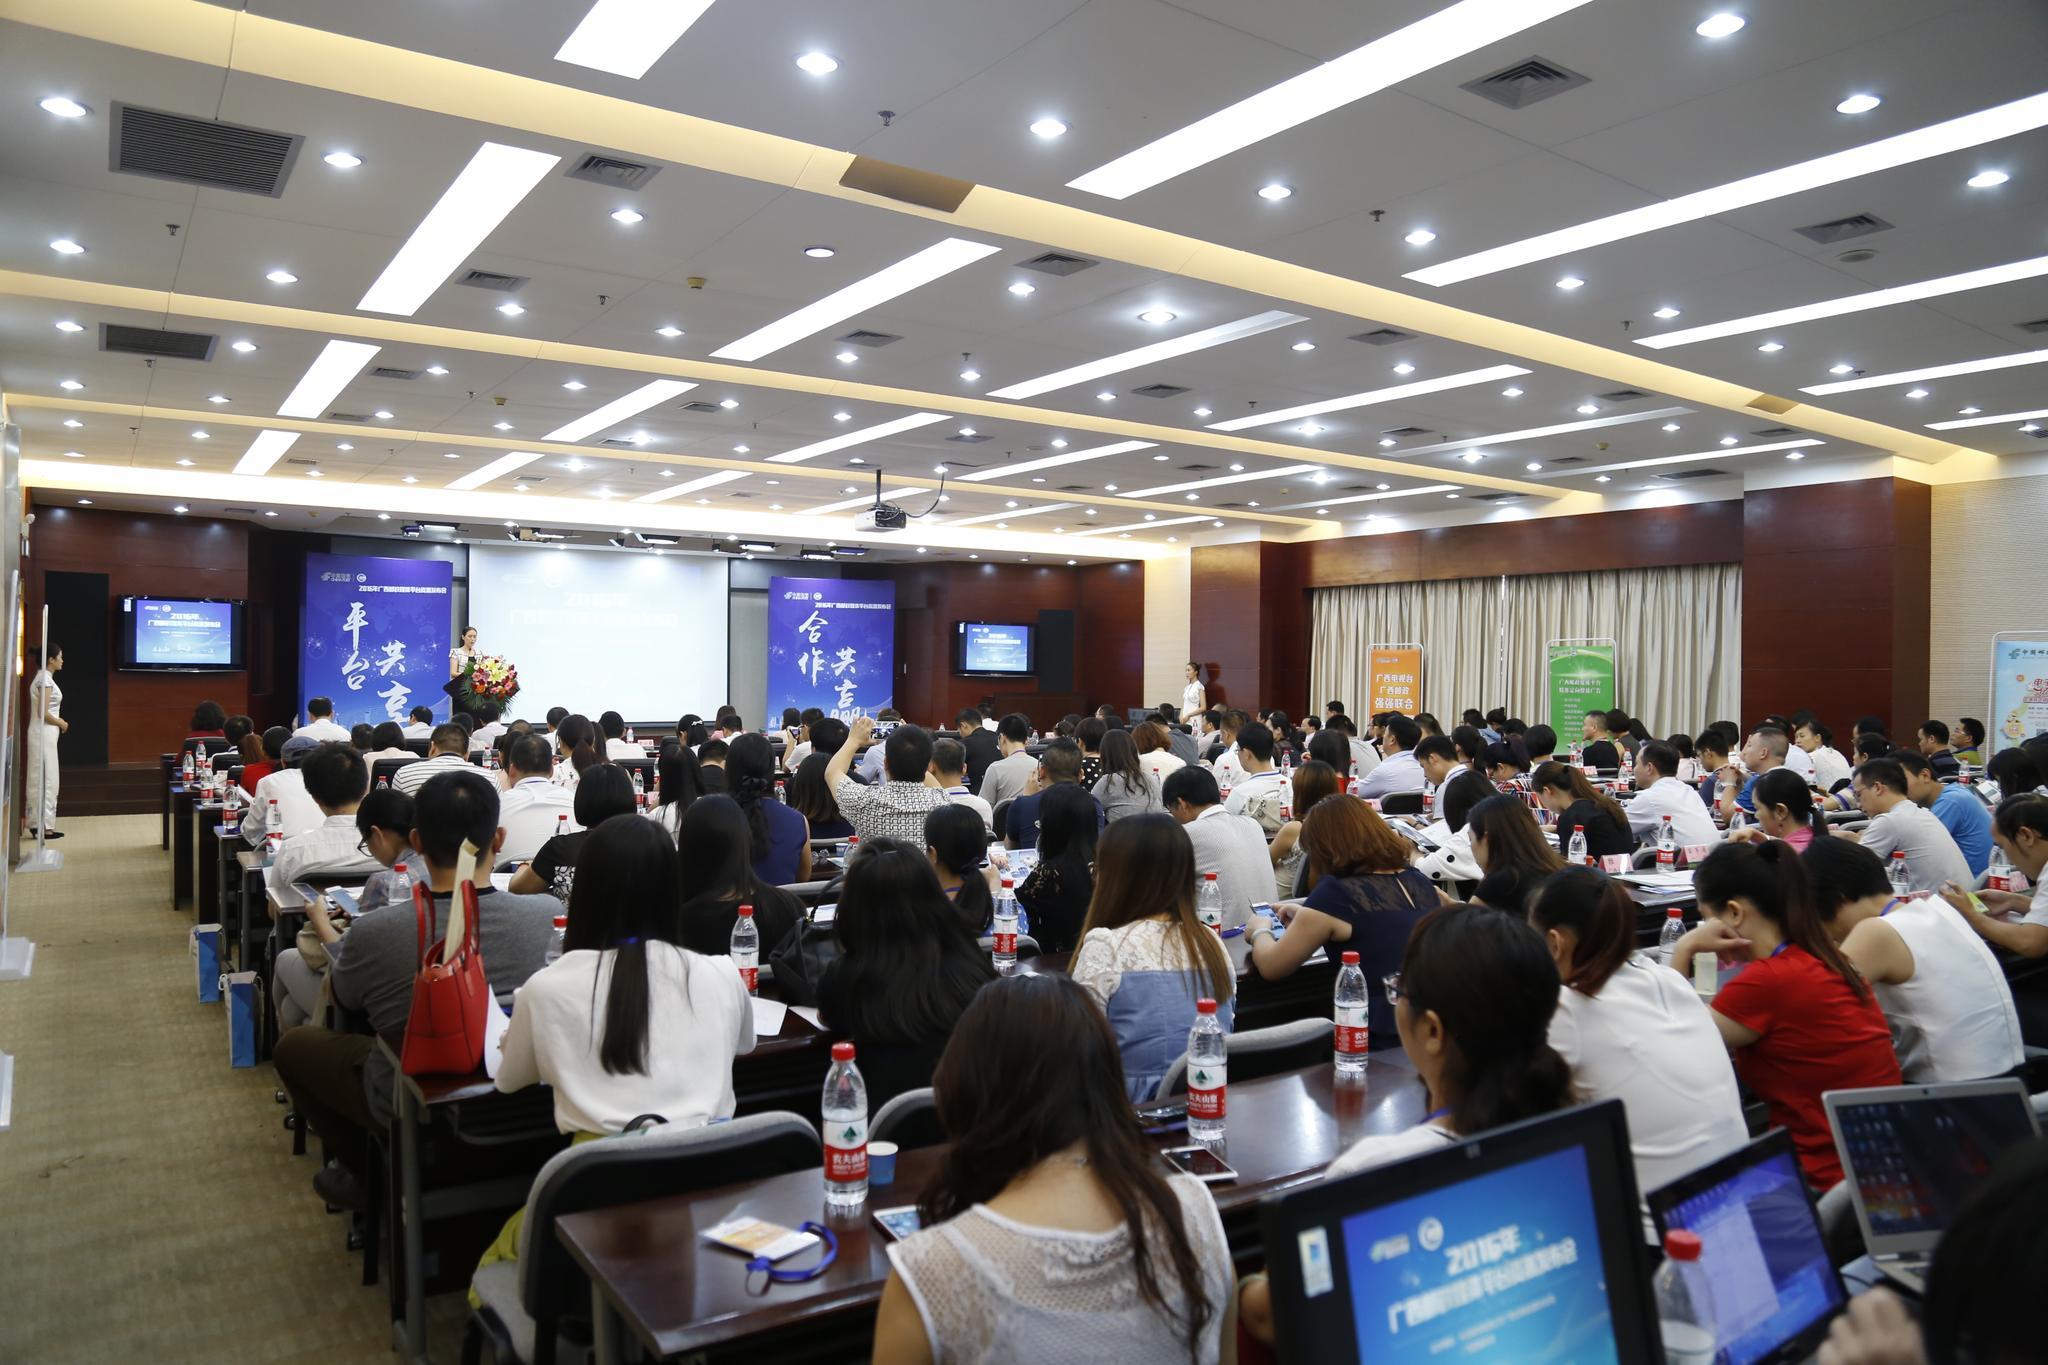 2016年广西邮政媒体平台资源发布会隆重举行